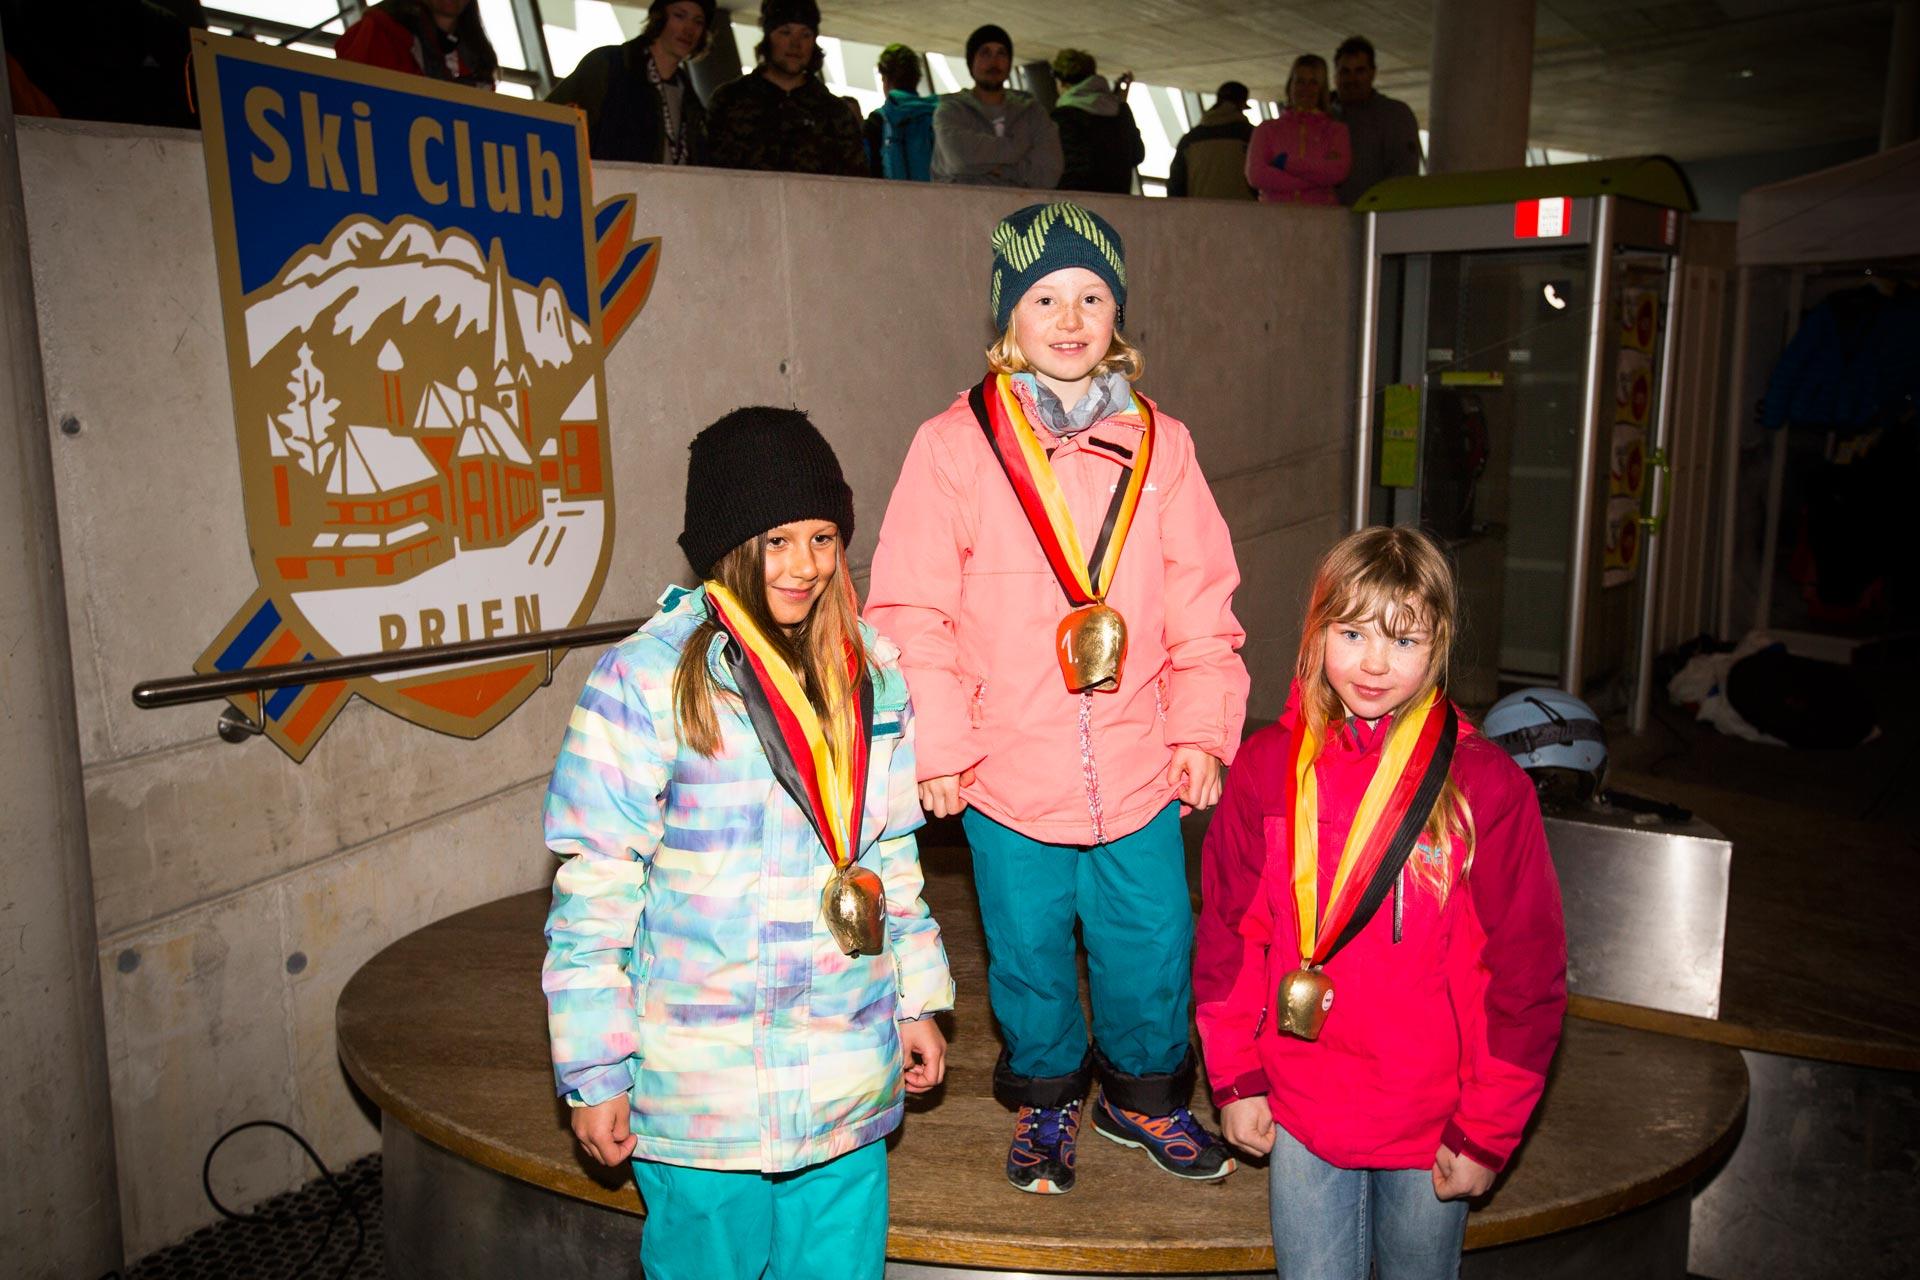 Podium der Girls, Jahrgang 05 - 06: Alma Rothbauer, Muriel Mohr, Mariella Huemke - Foto: Florian Breitenberger